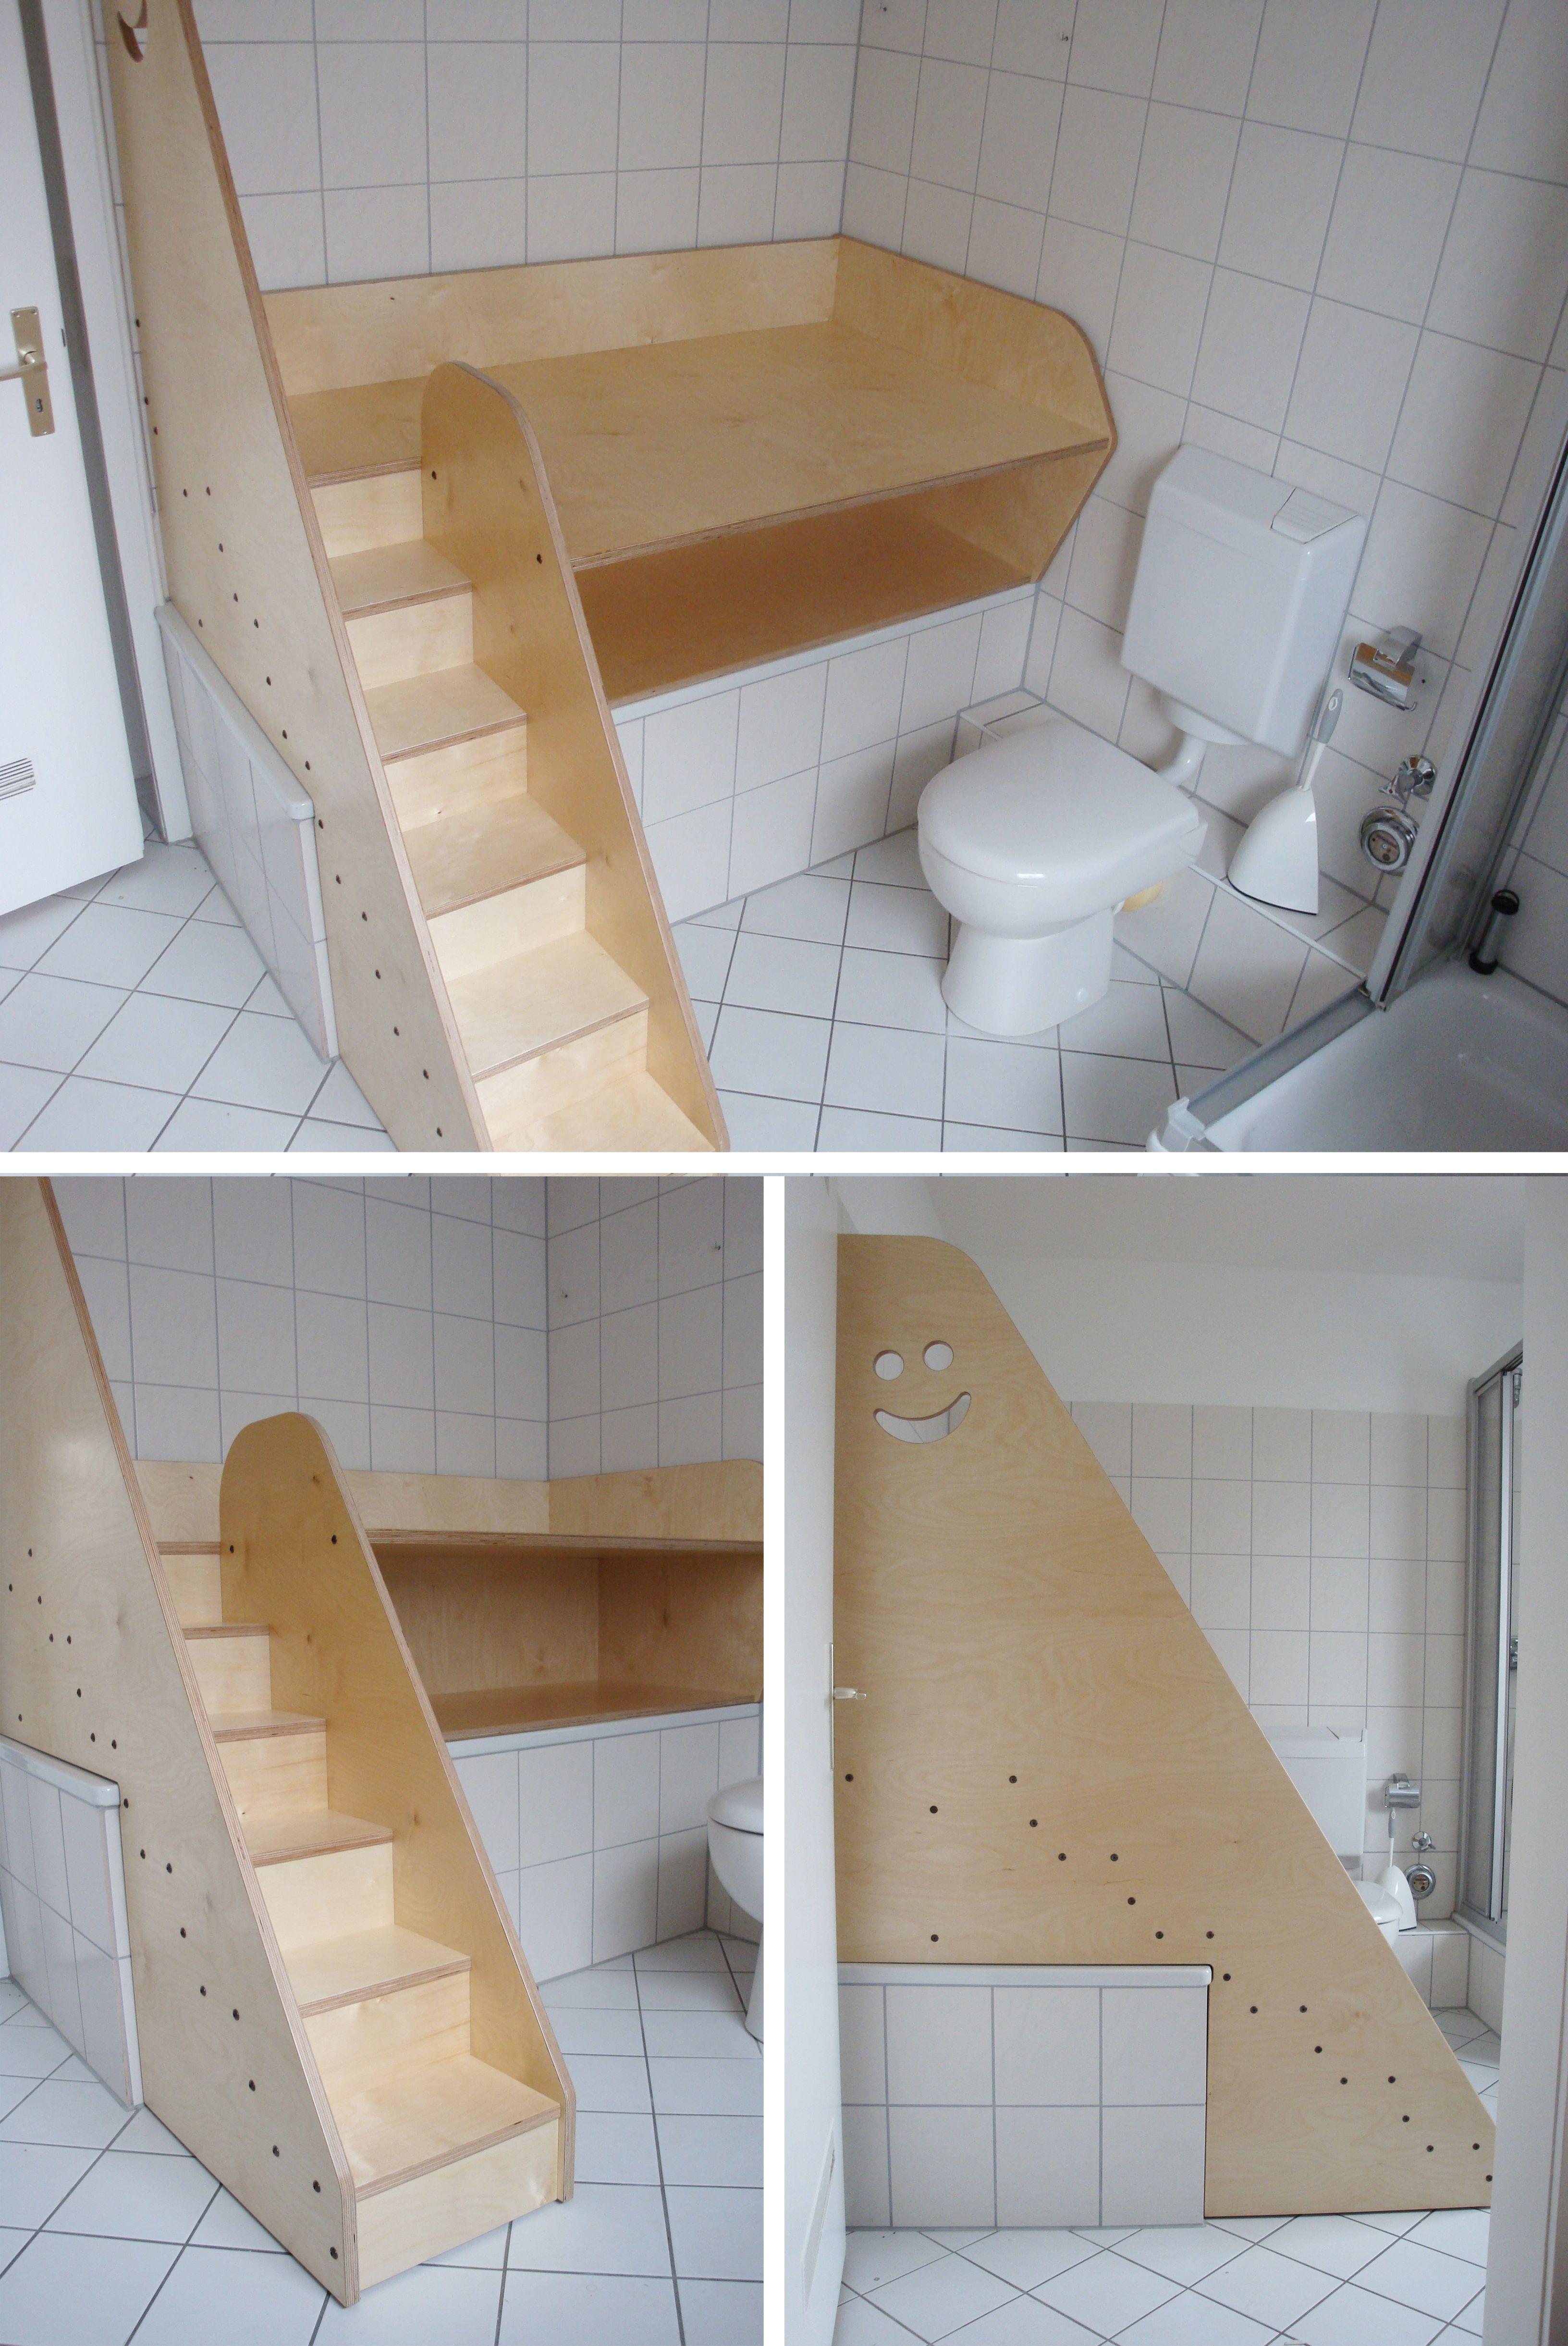 Wickeltisch Wickelkommode Fur Badewanne Einrichten Selber Machen Innenarchitektur Wohnzimmer Wohnung Einrichten